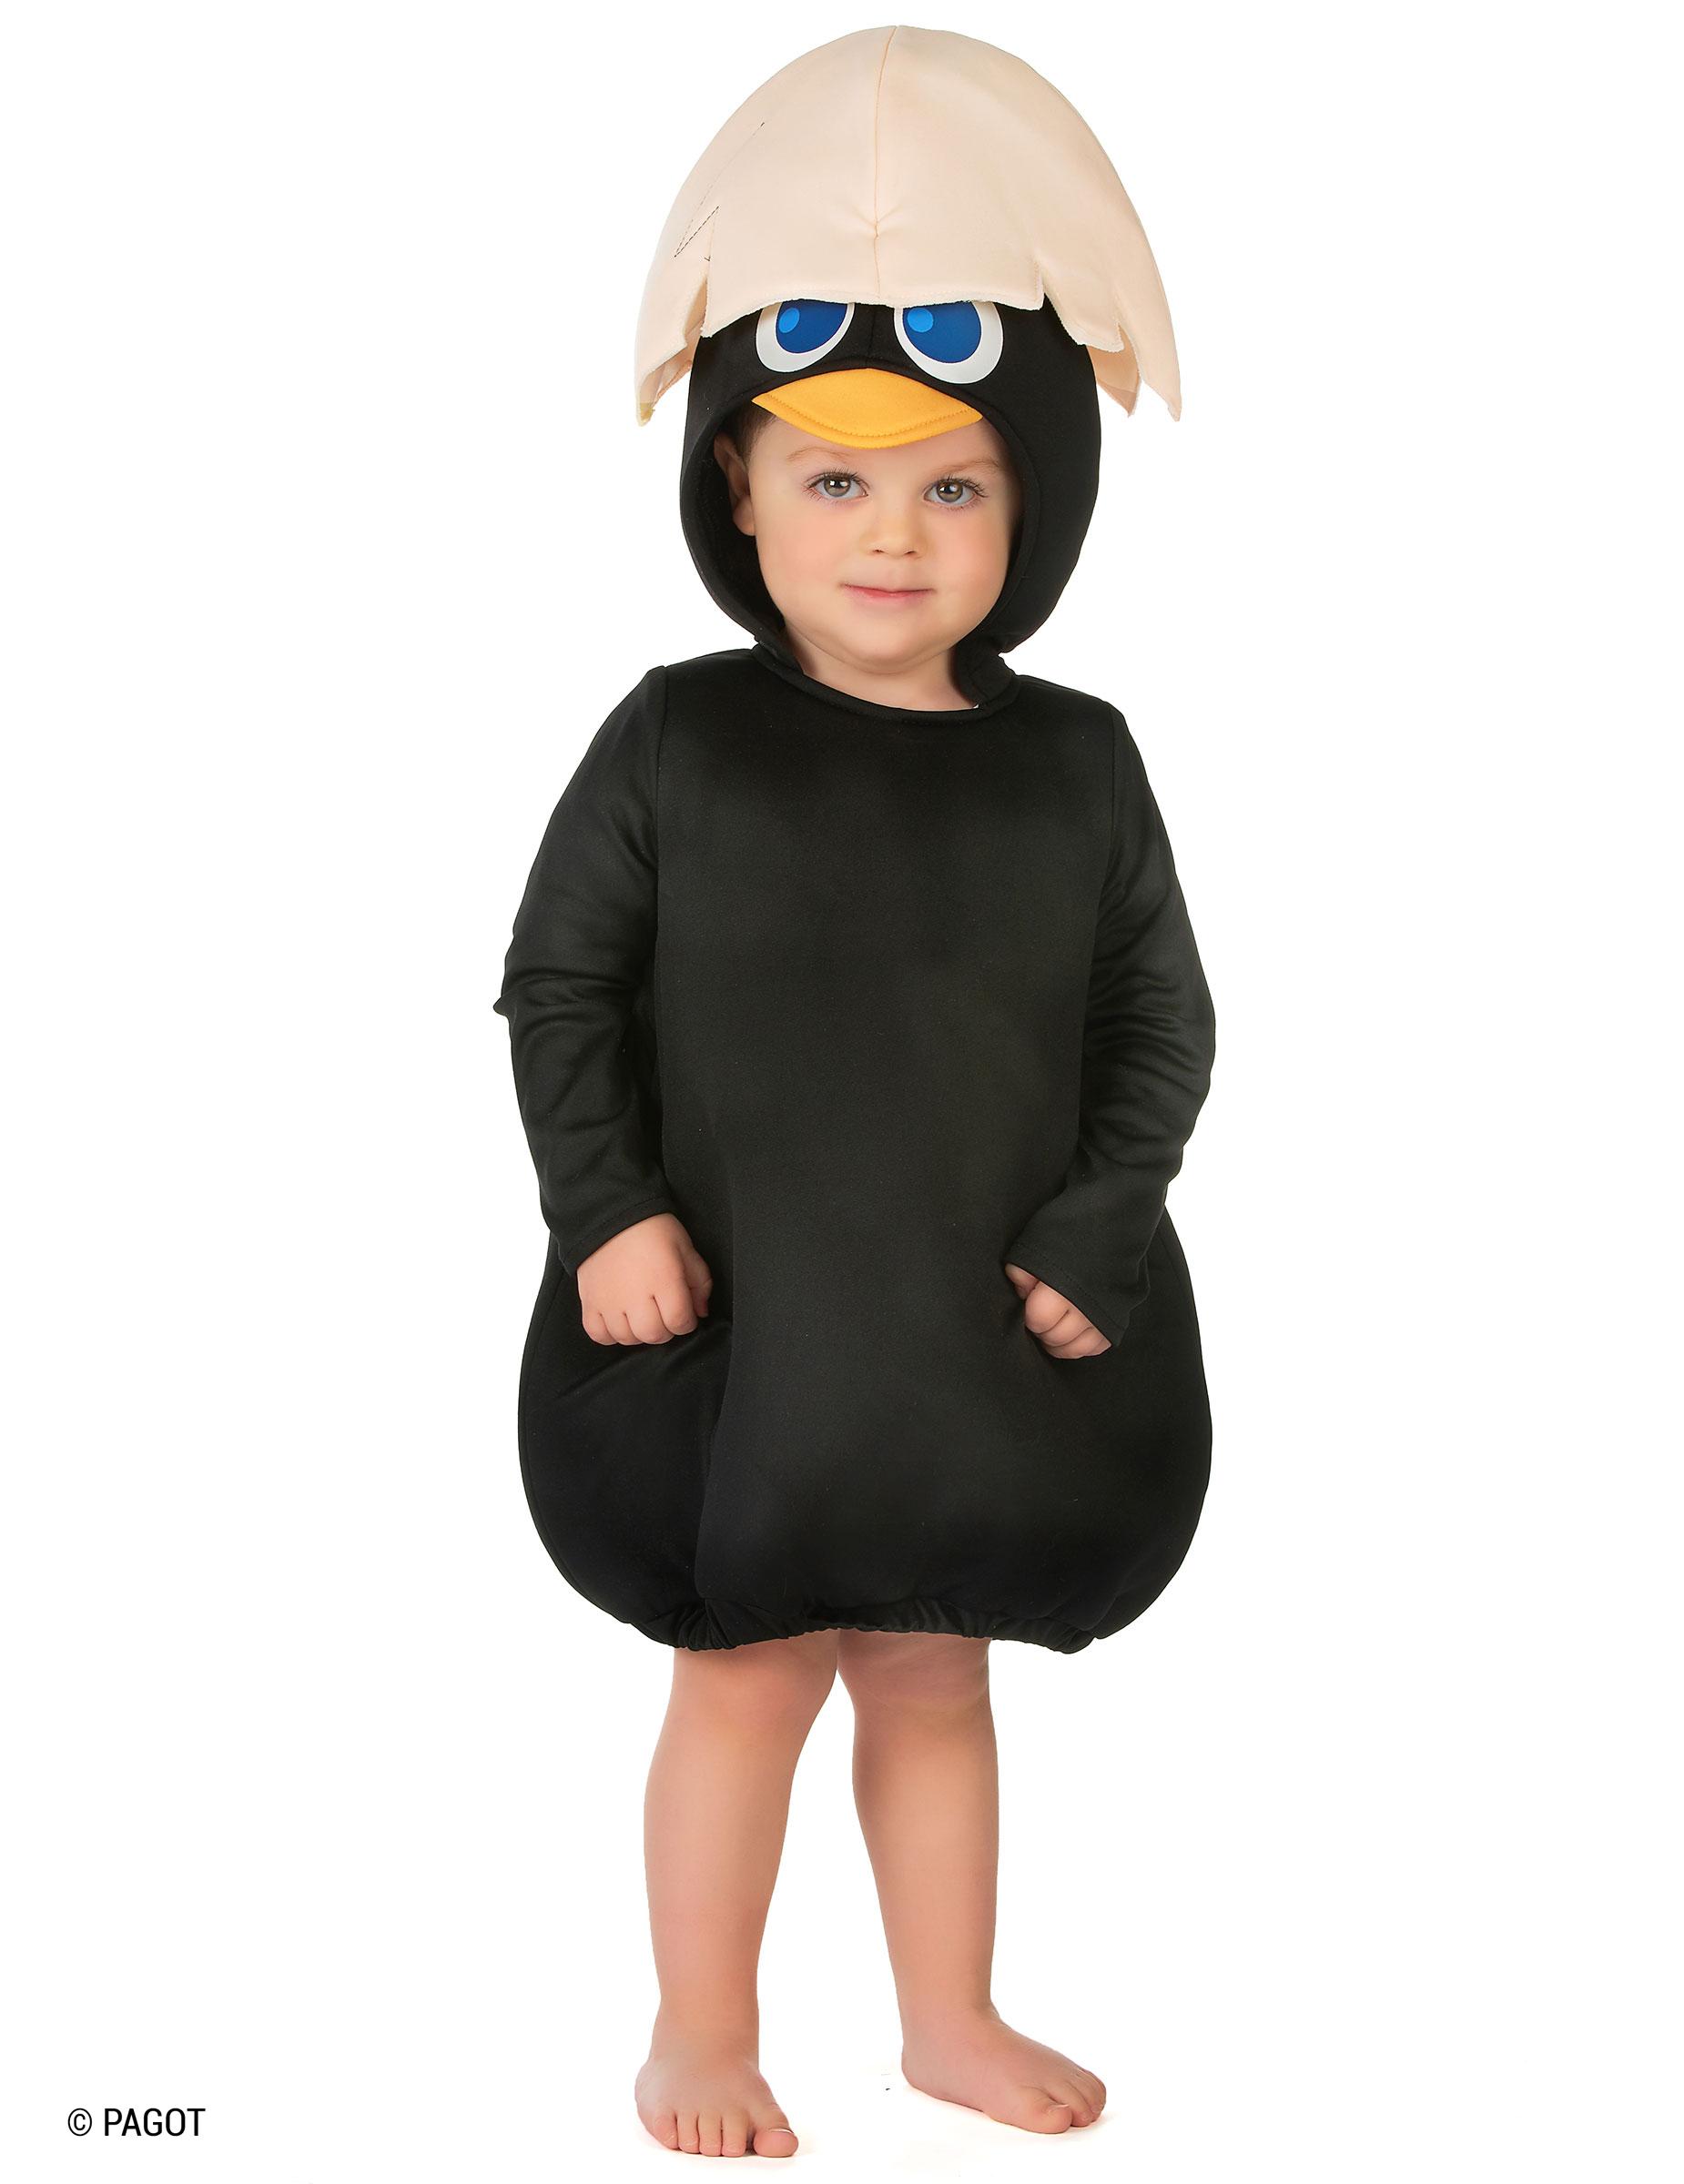 e911ee9a2 Venta de disfraces para niños 0-2 años en Vegaoo.es